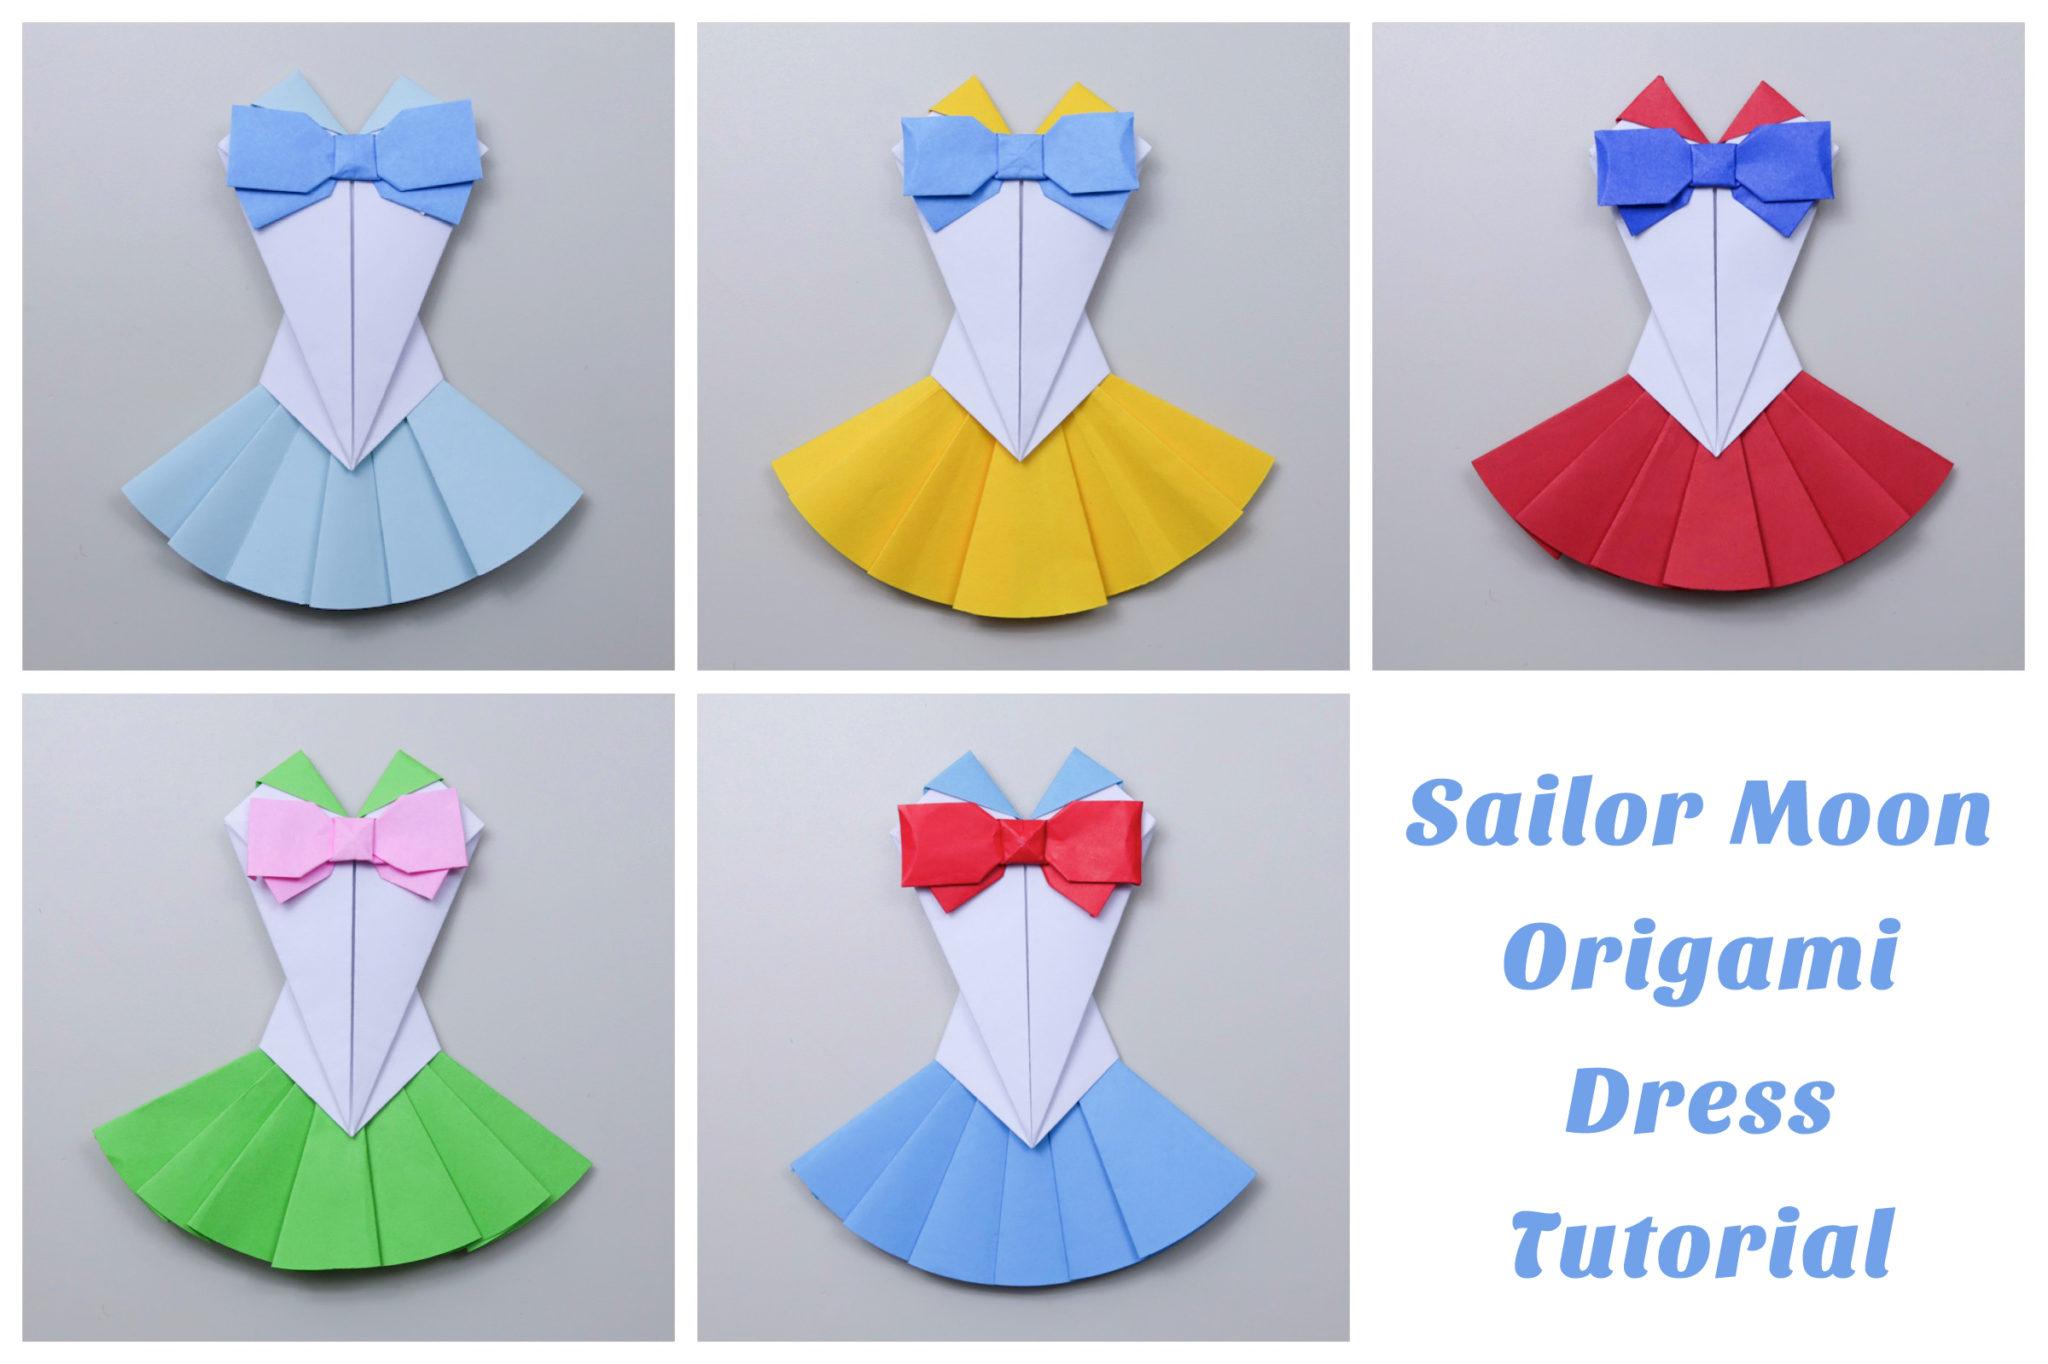 Origami Sailor Moon Dress Tutorial Paper Kawaii